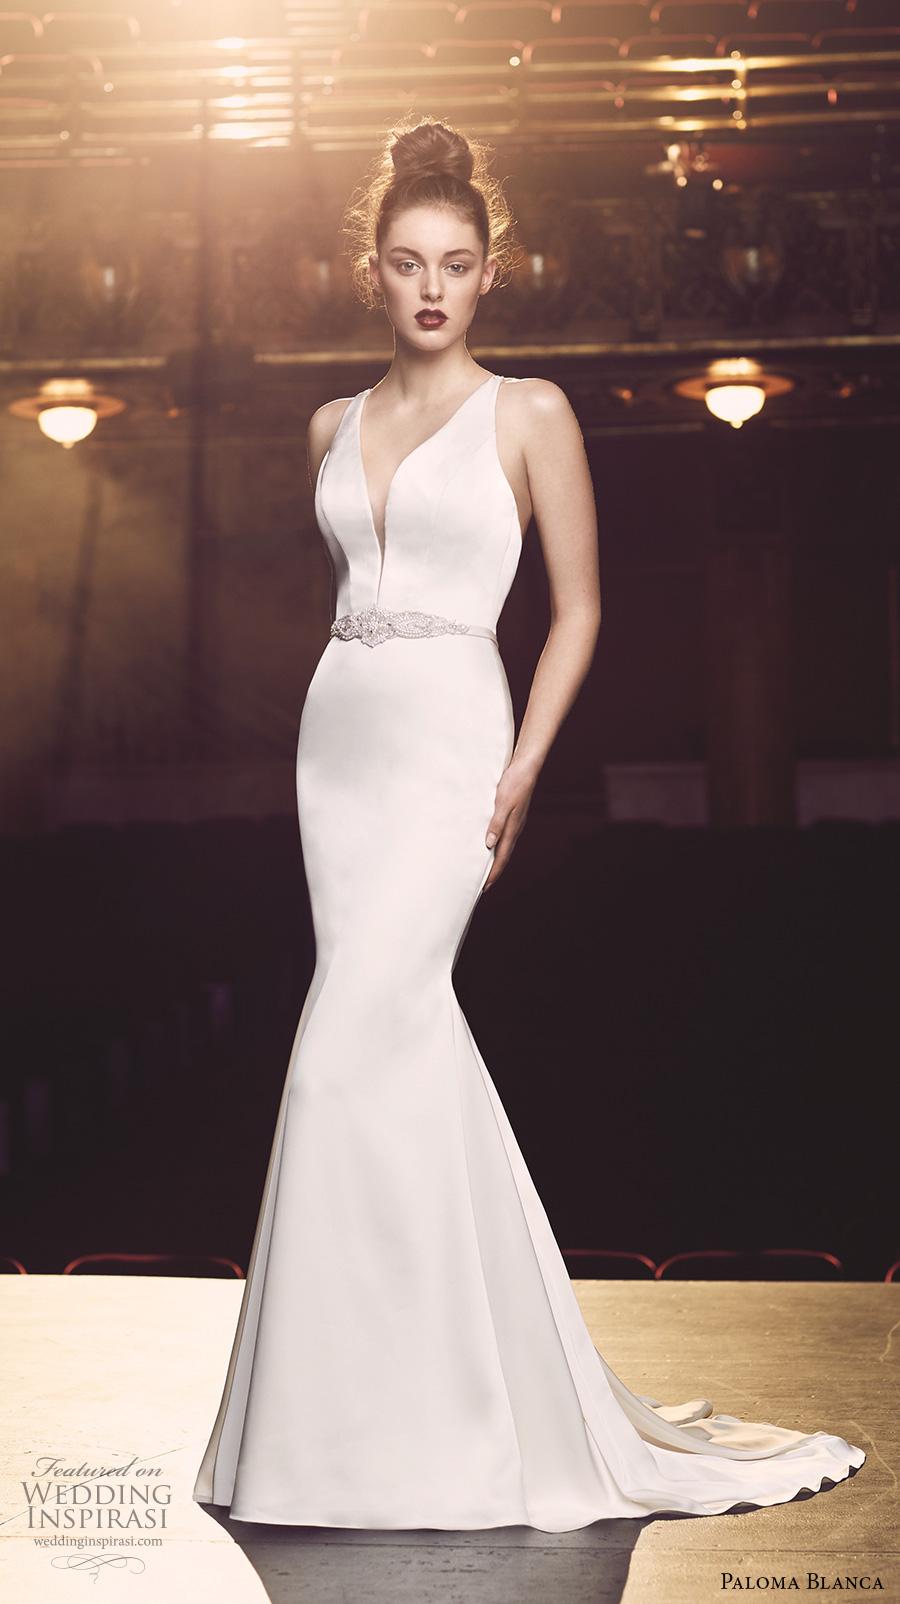 wedding dress cleaning glasgow | Wedding